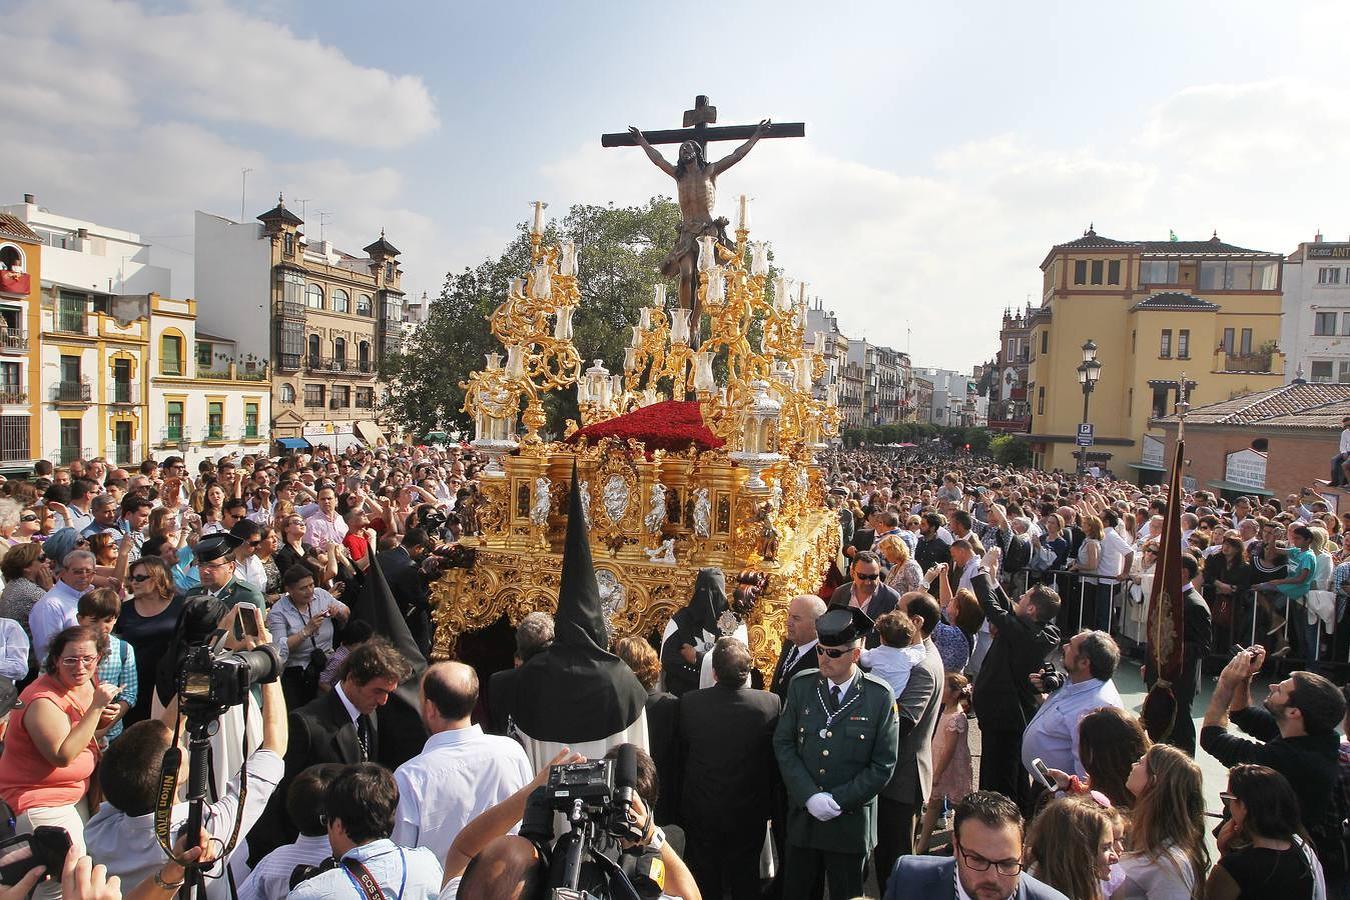 Sevilla%252C%2B00%252C%2BEl%2BCachorro%252C%2B2014 - Испания: Топ–28 мест и достопримечательностей